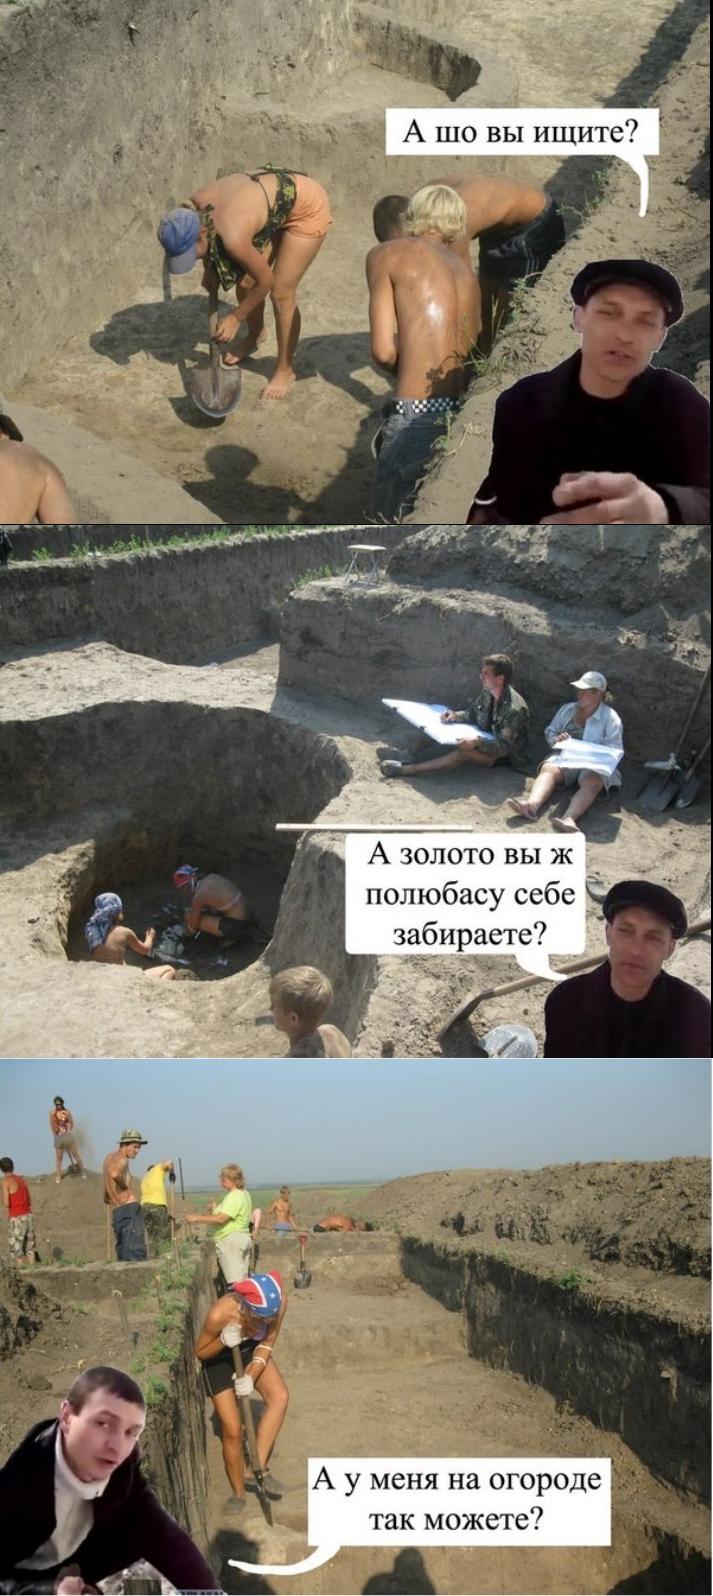 Типичные вопросы к археологам от местного населения